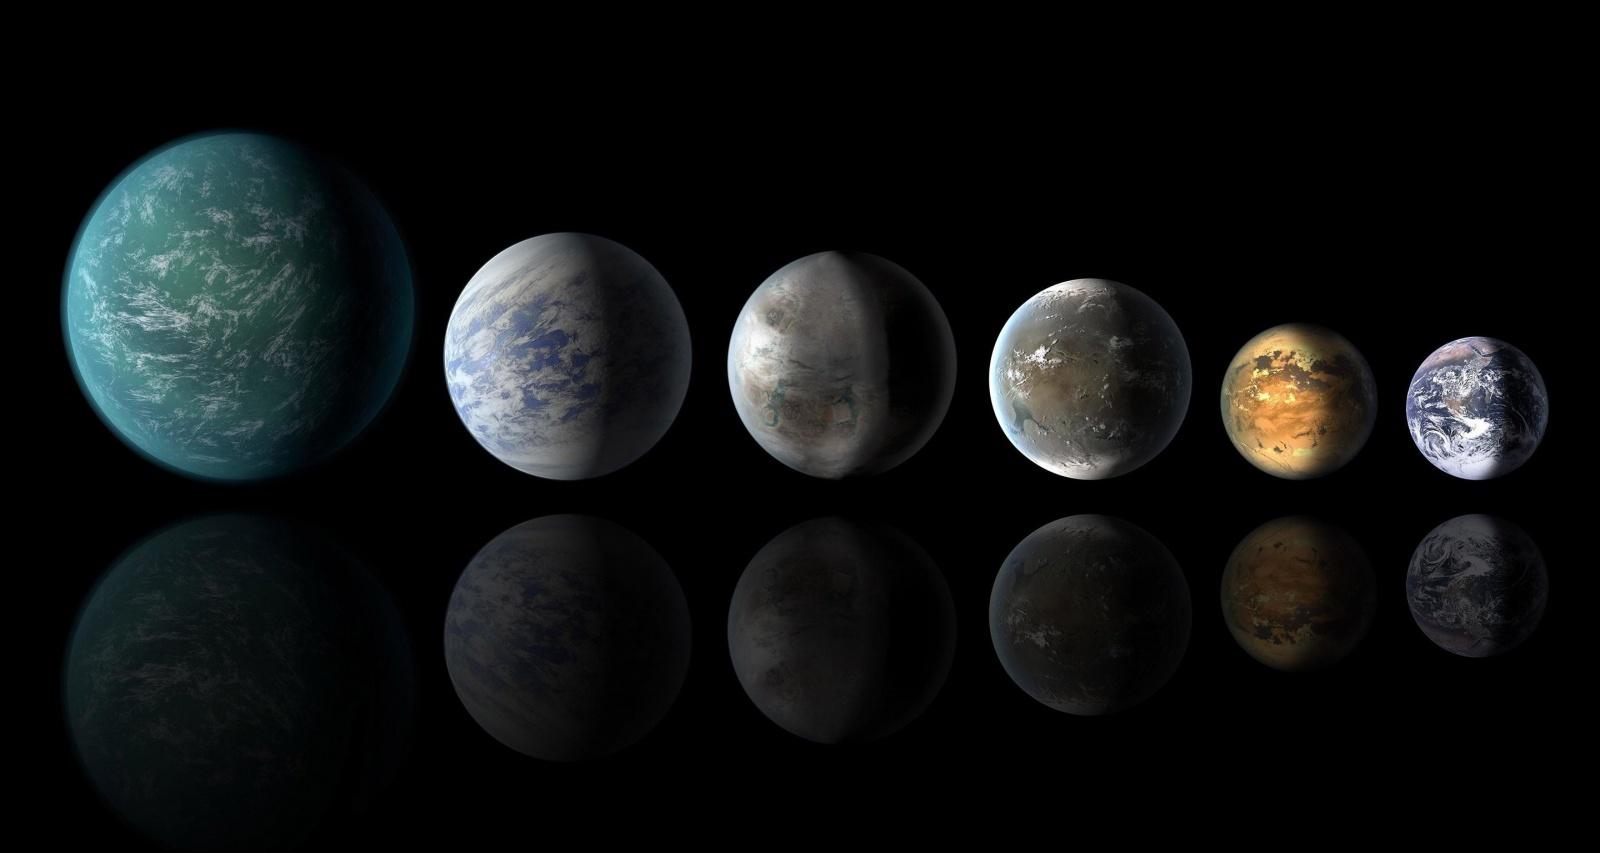 Многие из экзопланет могут иметь огромные количества воды